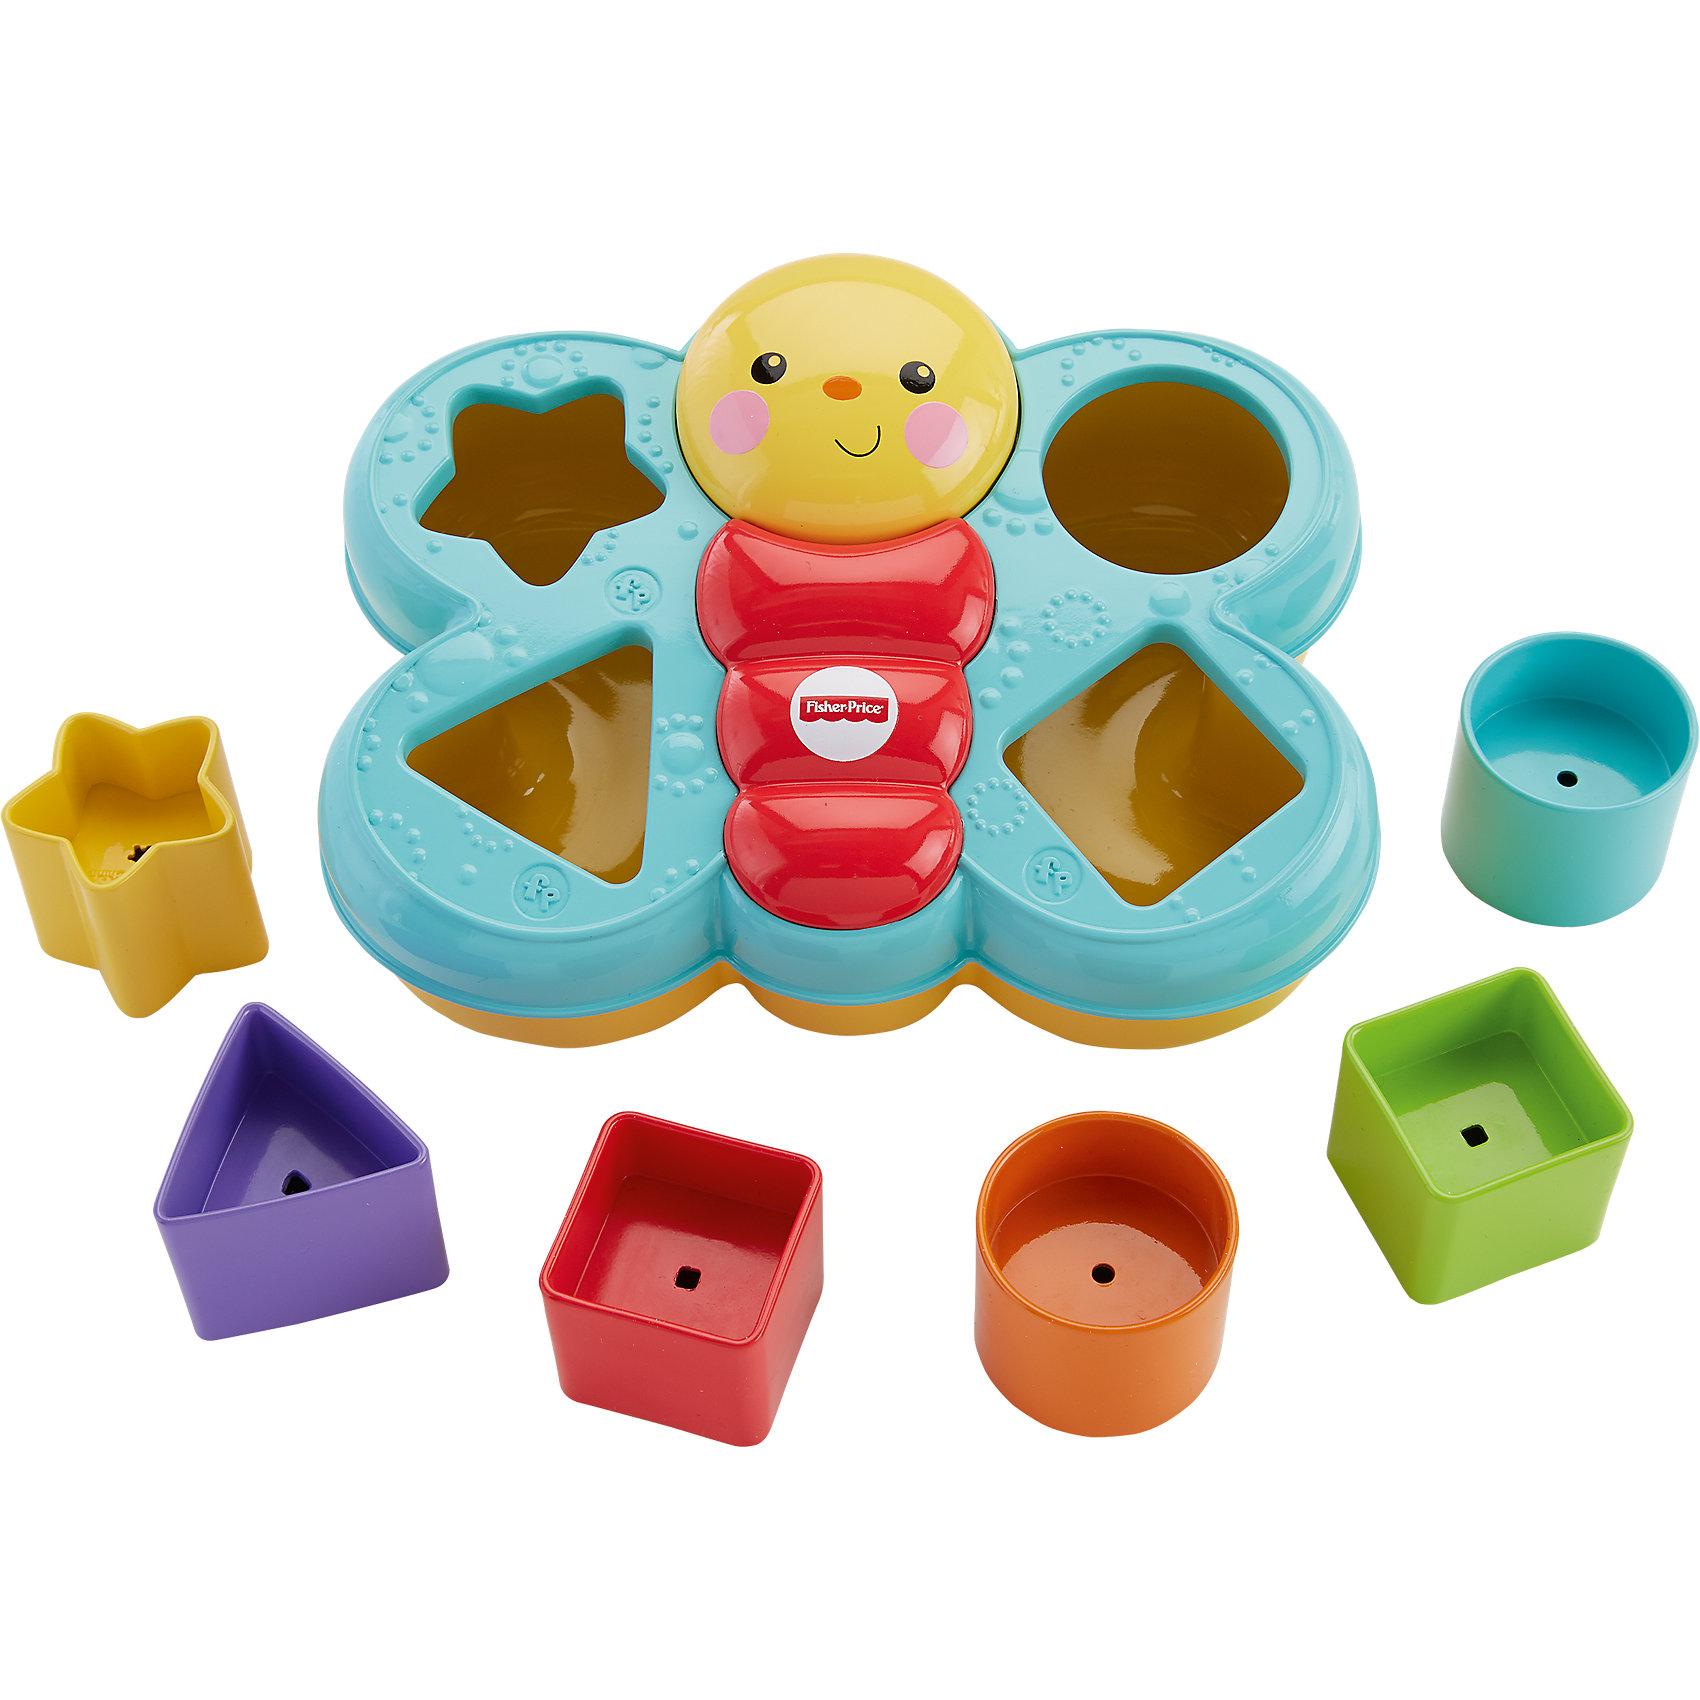 Сортер Бабочка, Fisher-PriceСортеры<br>Сортер Бабочка, Fisher-Price (Фишер-прайс)- красочная развивающая игрушка, которая обязательно привлечет внимание Вашего малыша. Сортер выполнен в виде яркой разноцветной бабочки с забавной улыбающейся мордочкой. В ее крылышках размещены выемки, по форме соответствующие разноцветным фигуркам, входящим в набор. Правильно разместив все фигурки по своим местам, малыш украсит крылышки бабочки. Игрушка развивает логическое мышление, зрительное восприятие, двигательную координацию и мелкую моторику.<br><br>Дополнительная информация:<br><br>- В комплекте: сортер Бабочка, 6 фигур разной формы.<br>- Материал: пластик.<br>- Размер упаковки: 17 x 21 x 10,3 см.<br>- Вес: 0,334 кг.<br><br>Сортер Бабочка, Fisher-Price (Фишер Прайс) можно купить в нашем интернет-магазине.<br><br>Ширина мм: 209<br>Глубина мм: 165<br>Высота мм: 101<br>Вес г: 330<br>Возраст от месяцев: 6<br>Возраст до месяцев: 18<br>Пол: Унисекс<br>Возраст: Детский<br>SKU: 3863147